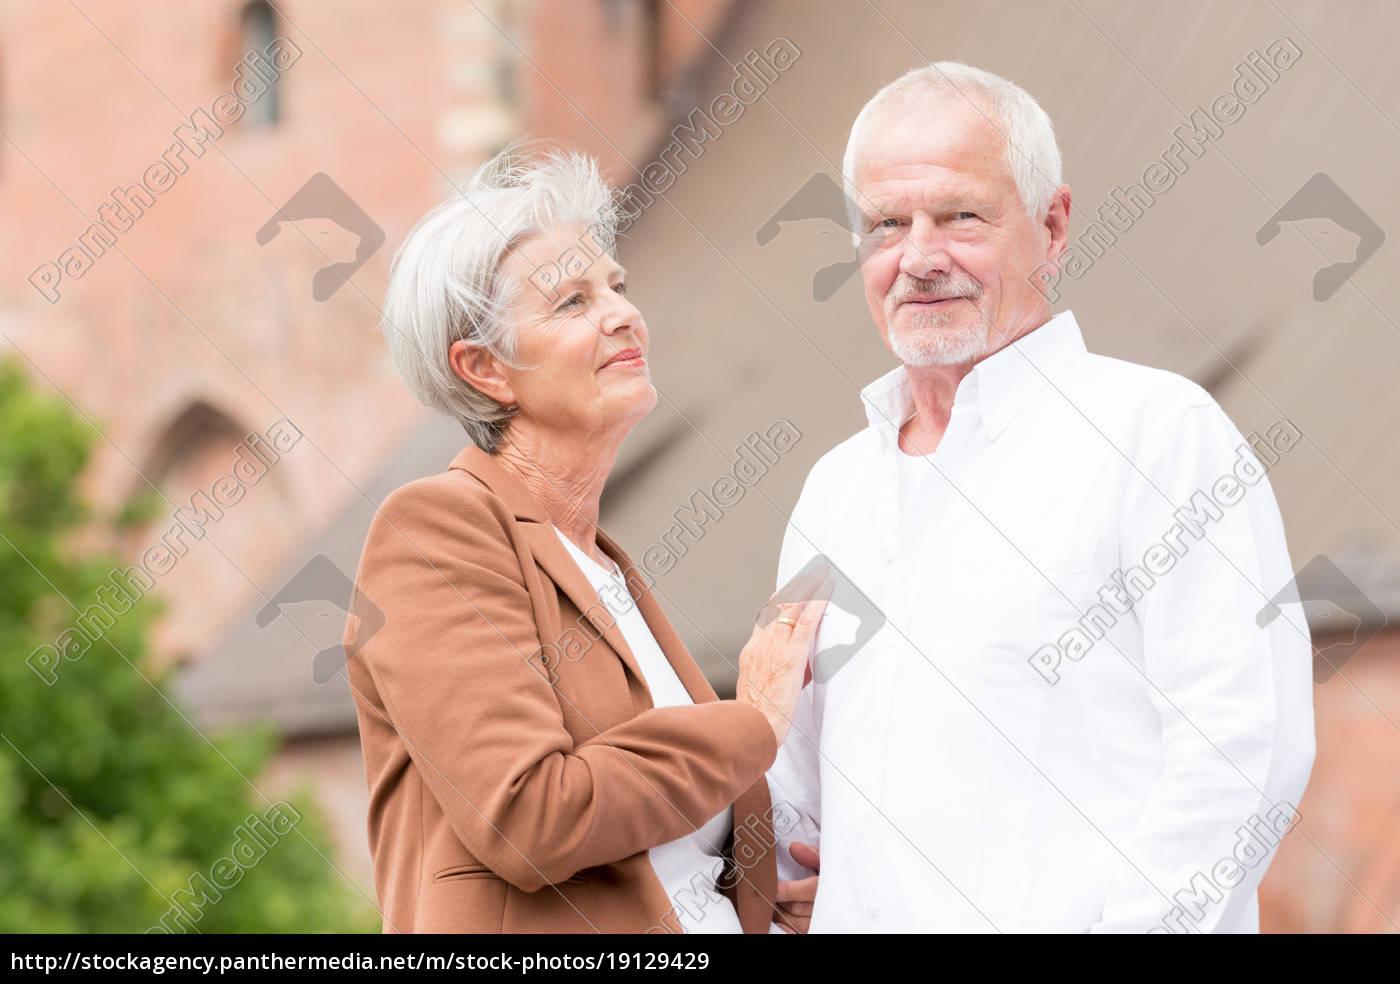 happy, seniors, couple - 19129429